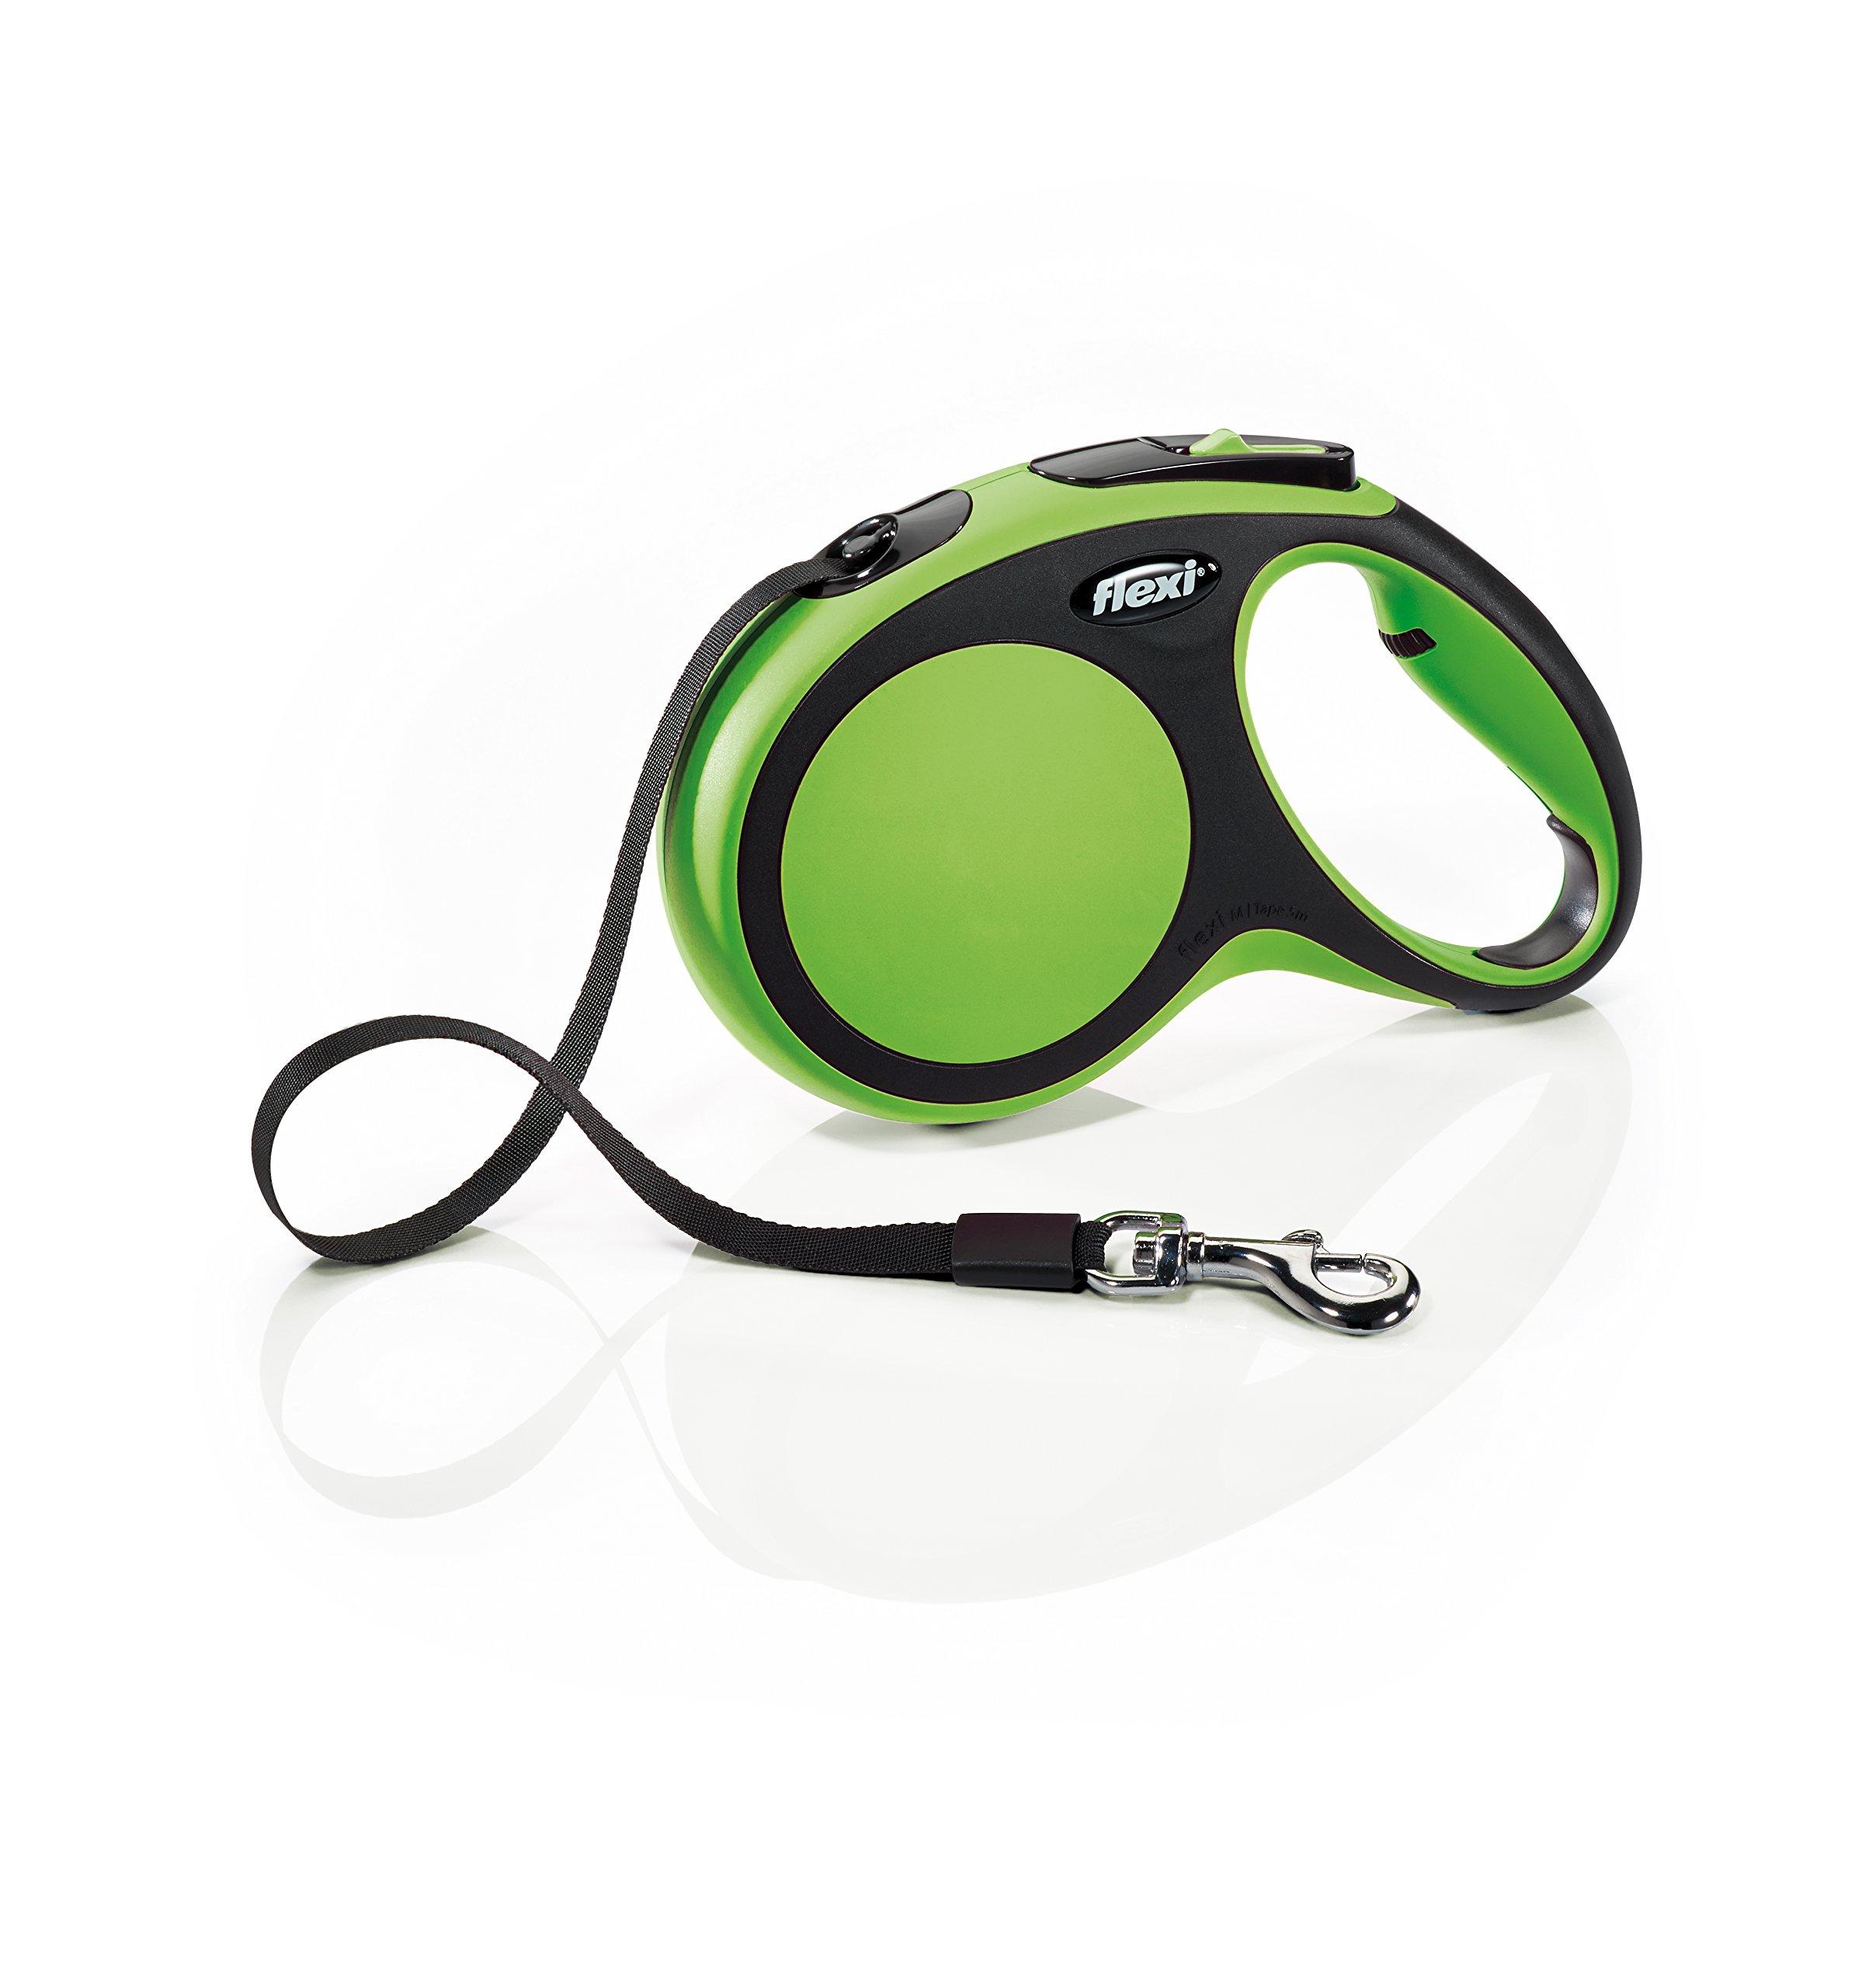 Flexi New Comfort Retractable Dog Leash (Tape), 16 ft, Medium, Green